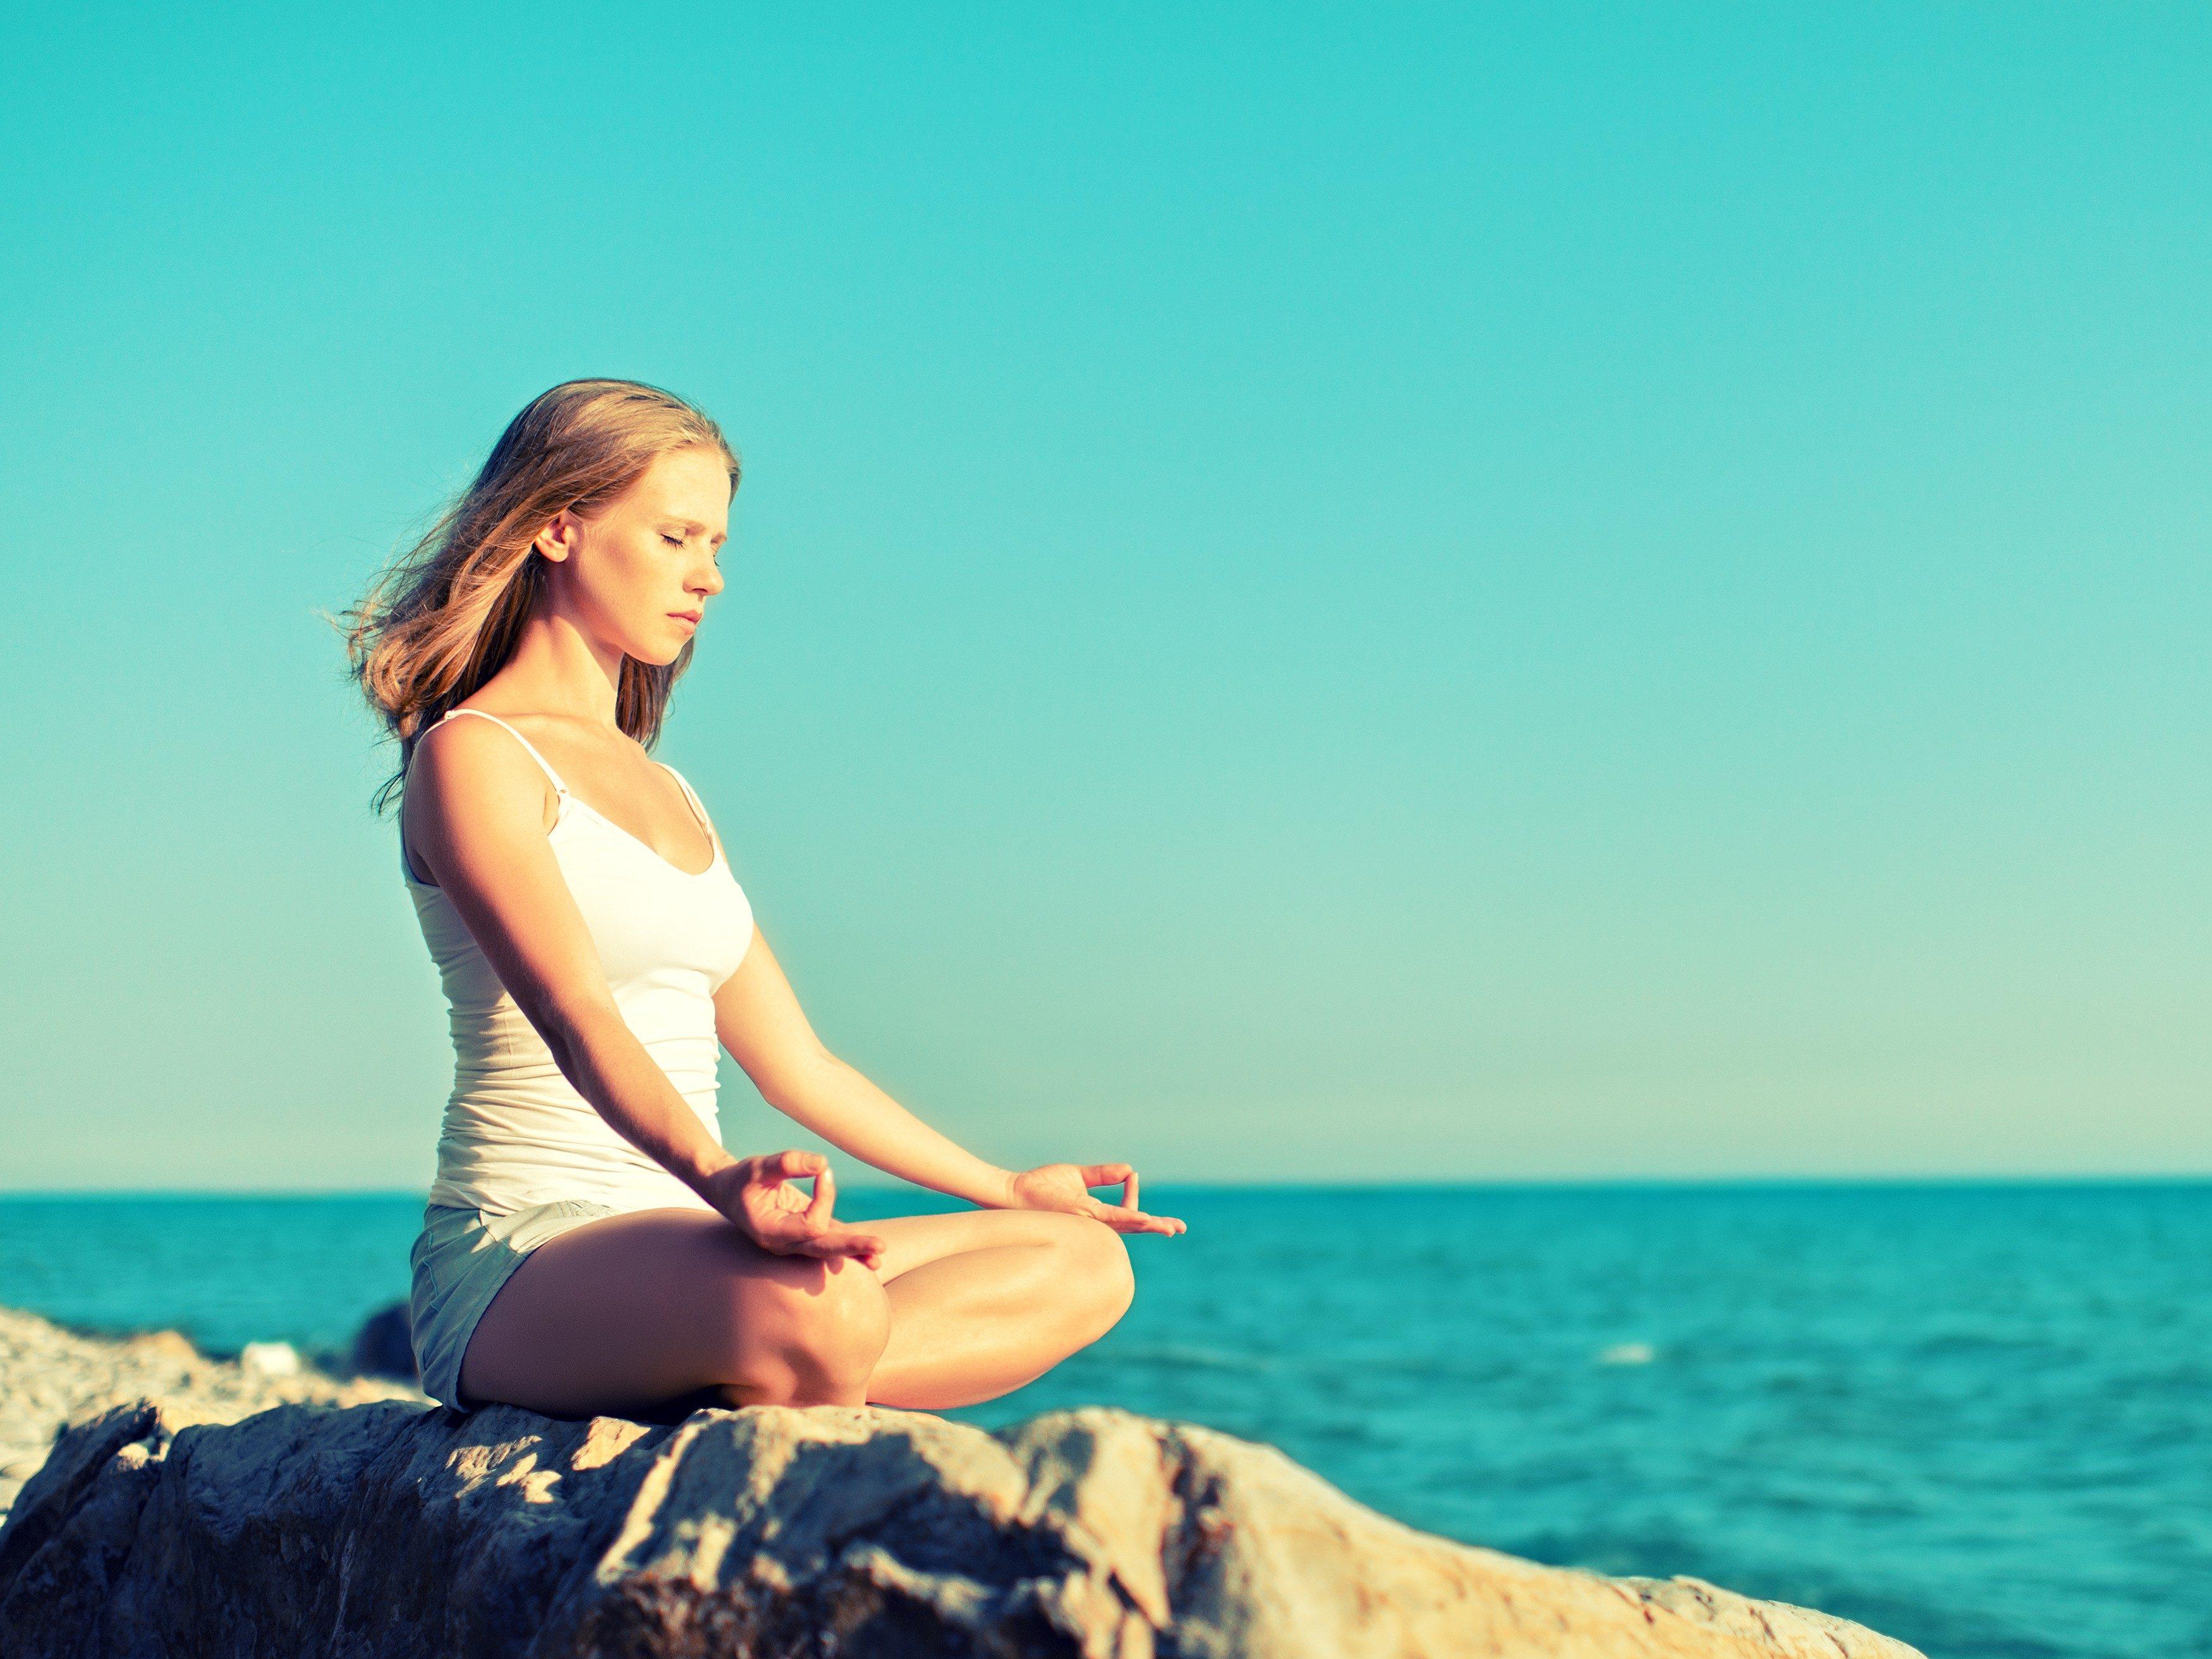 9. Meditate